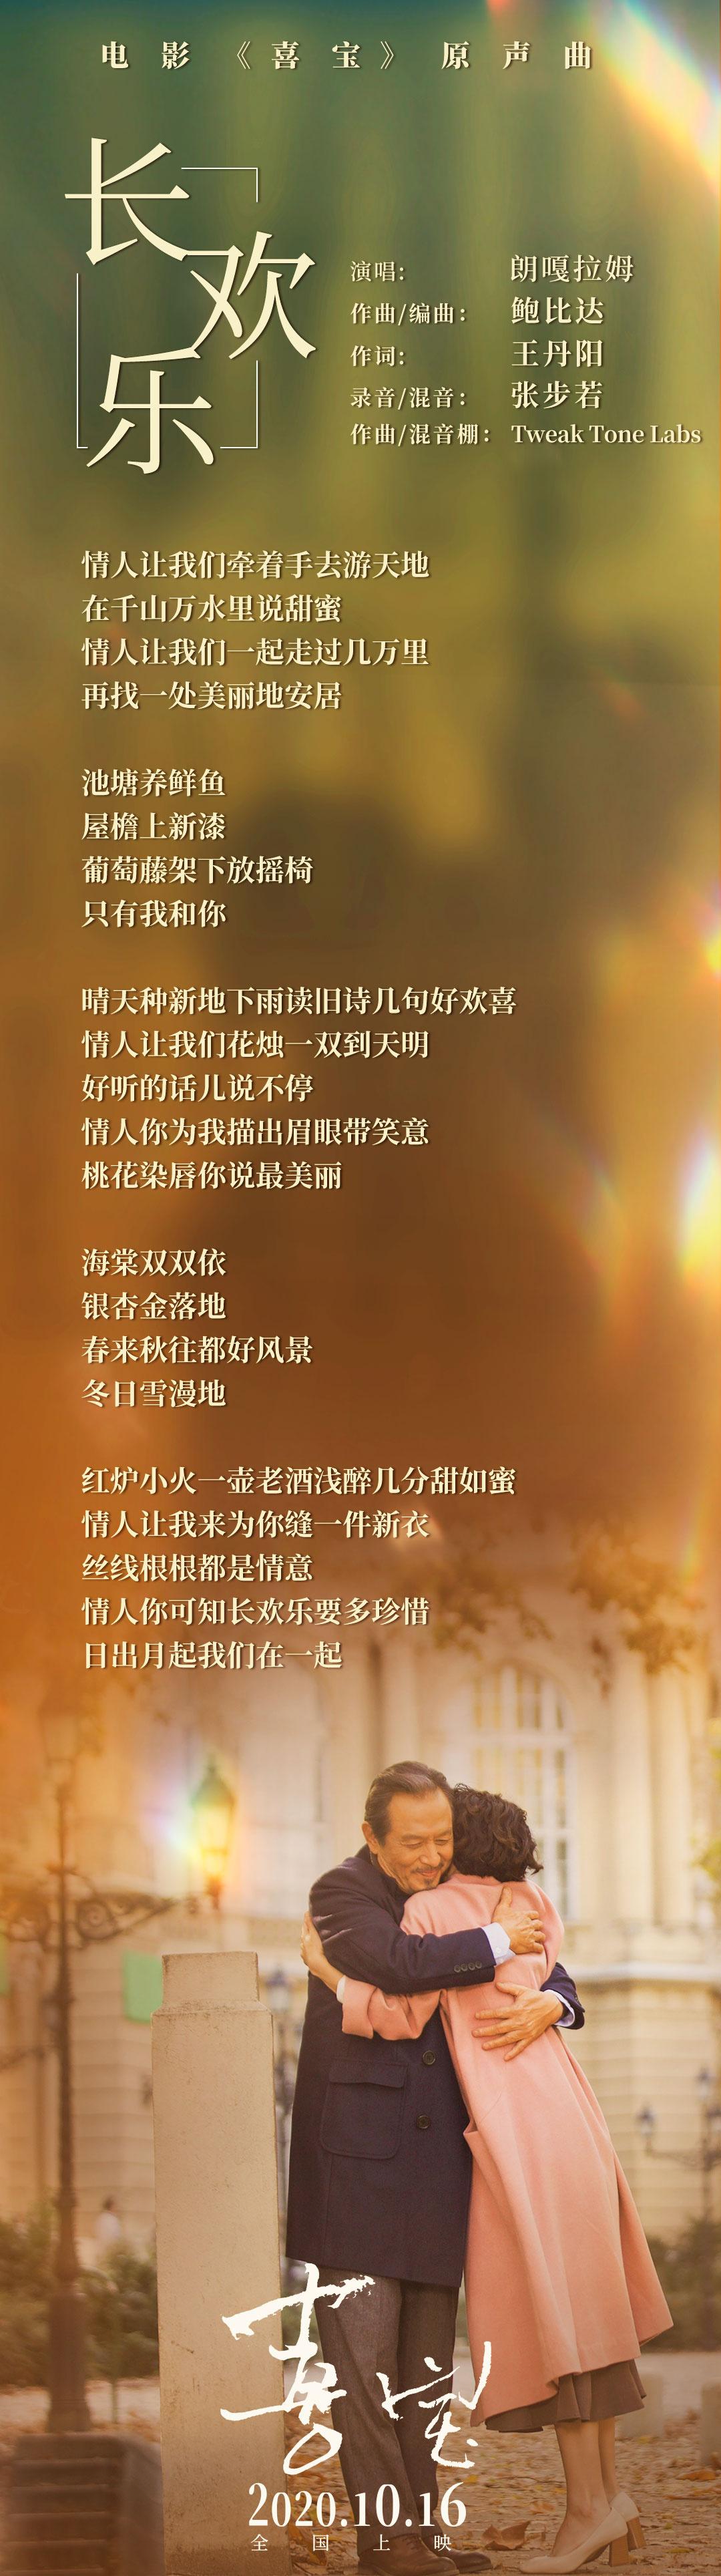 """影戏《喜宝》曝原声插曲 """"小邓丽君""""柔情献唱 第2张"""